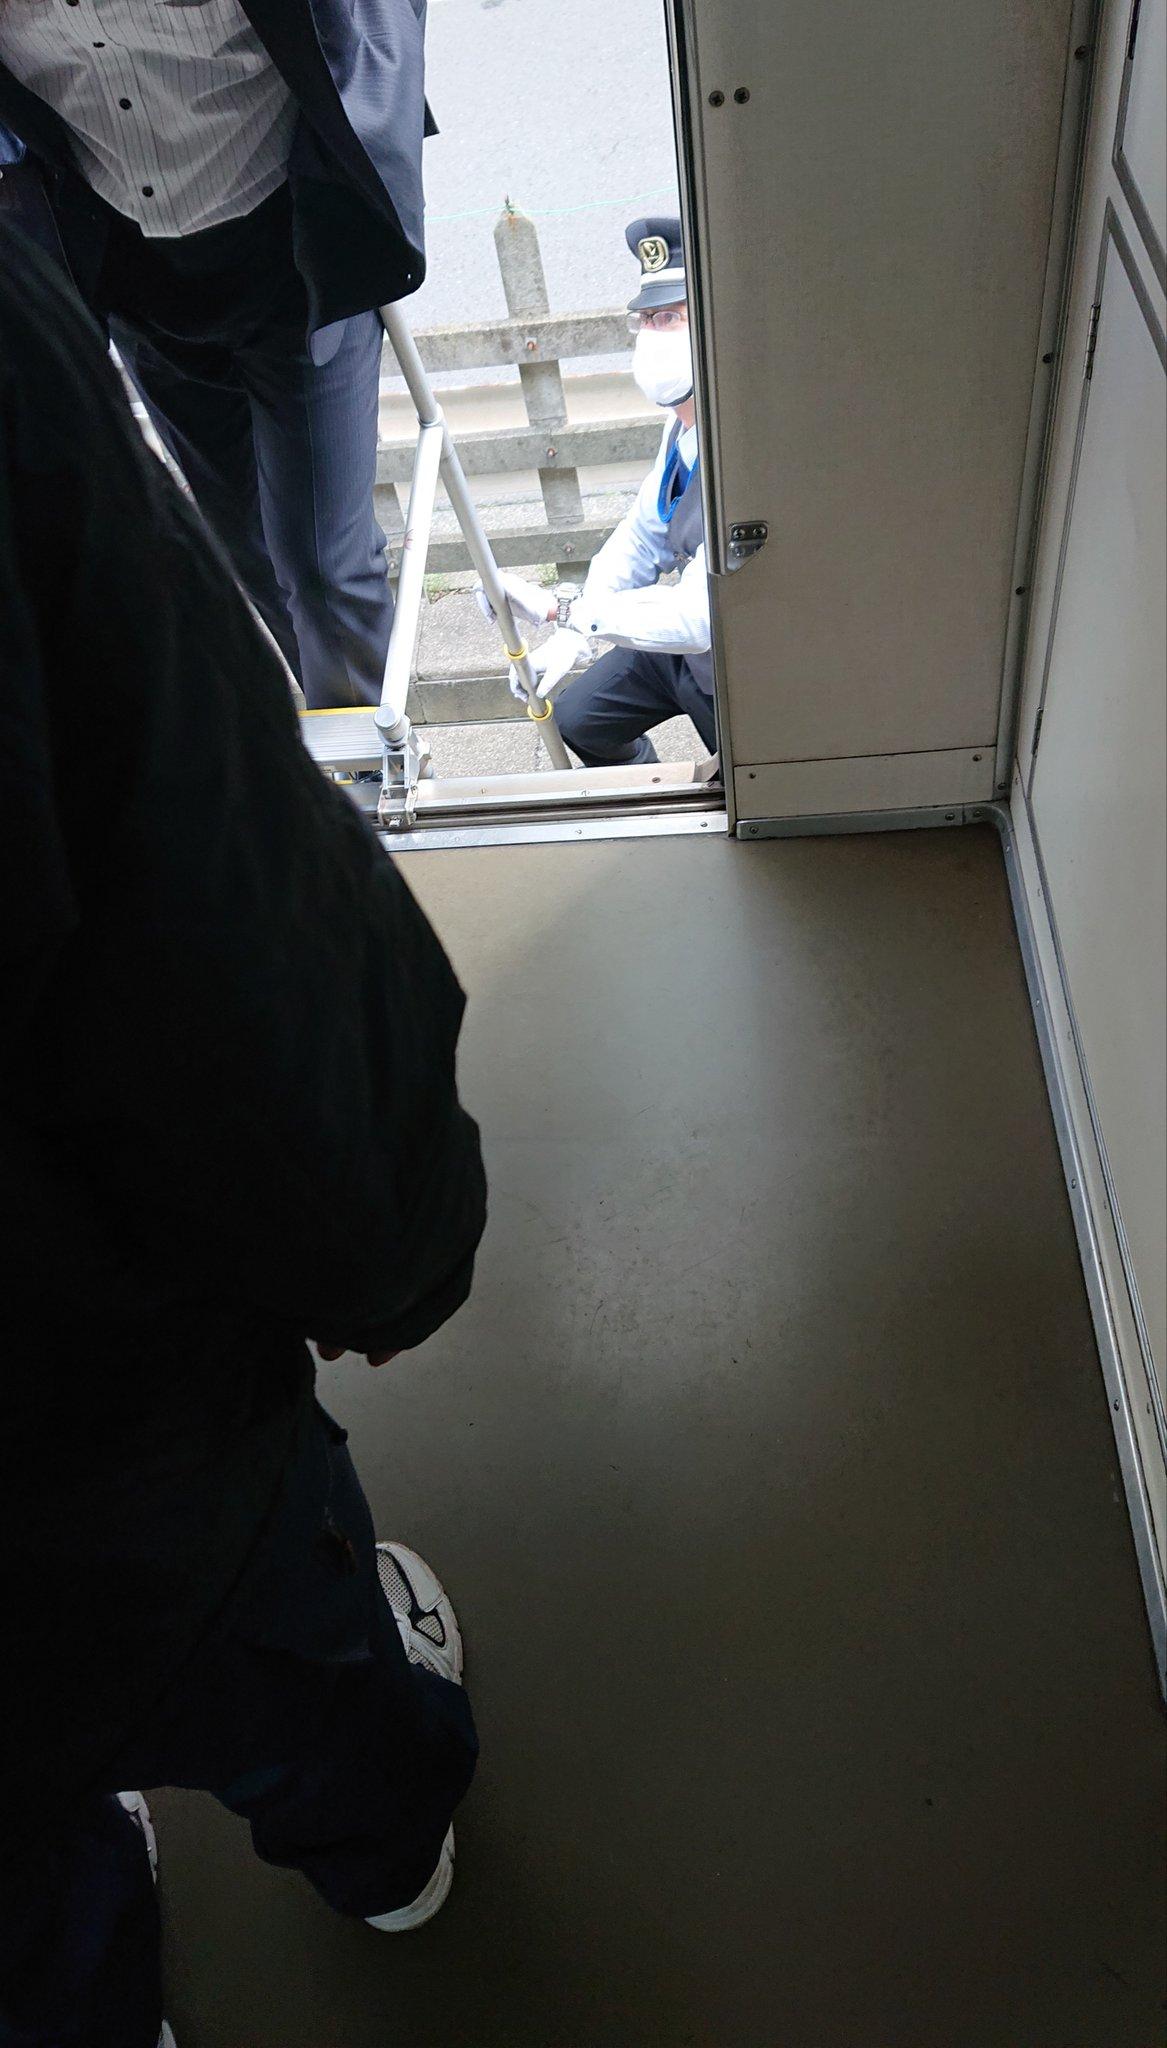 湘南台駅で人身事故が起き乗客が避難している画像